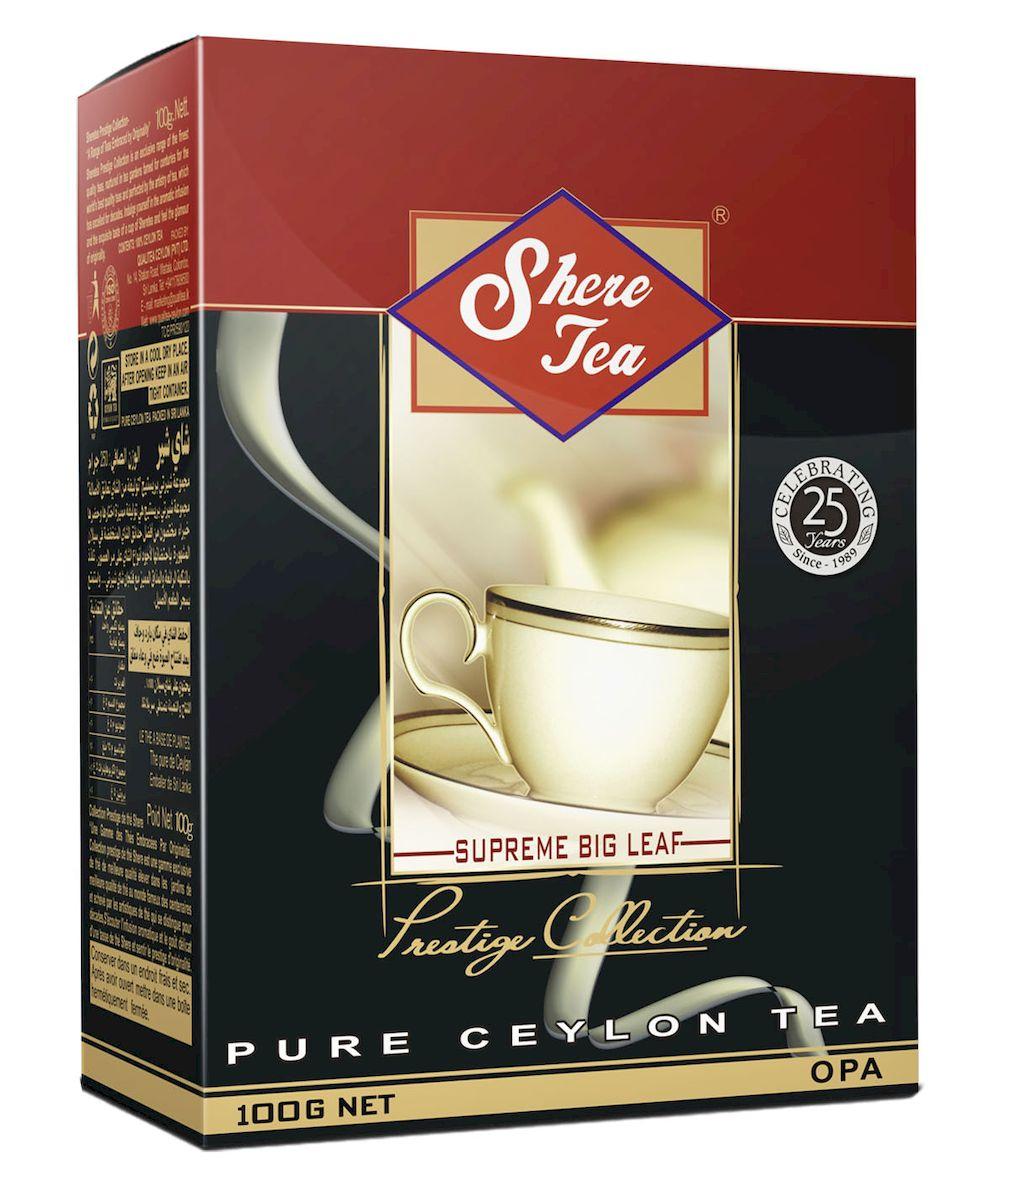 Shere Tea Престижная коллекция. OPА чай черный листовой, 100 г4791014000129Чай Шери престижная коллекция. Листья для этого чая собирают с кустов после того, как почки полностью раскрываются. Для этого сорта собирают первый и второй лист с ветки. В сухой заварке листья должны быть крупными (от 8 до 15 мм), однородными, хорошо скрученными. Этот сорт практически не содержит типсов. Этот сорт имеет достаточно высокое содержание ароматических масел, и поэтому настой чай очень ароматен. Также этот чай характерен вкусом с горчинкой благодаря большому содержанию дубильных веществ. Кофеина в этом чае немного меньше, так как в нем используют более взрослые листы, в которых содержание кофеина меньше, чем в типсах и молодых листах. Чай имеет яркий, прозрачный, интенсивный, настой. Аромат чая полный, приятный, выражен достаточно ярко.